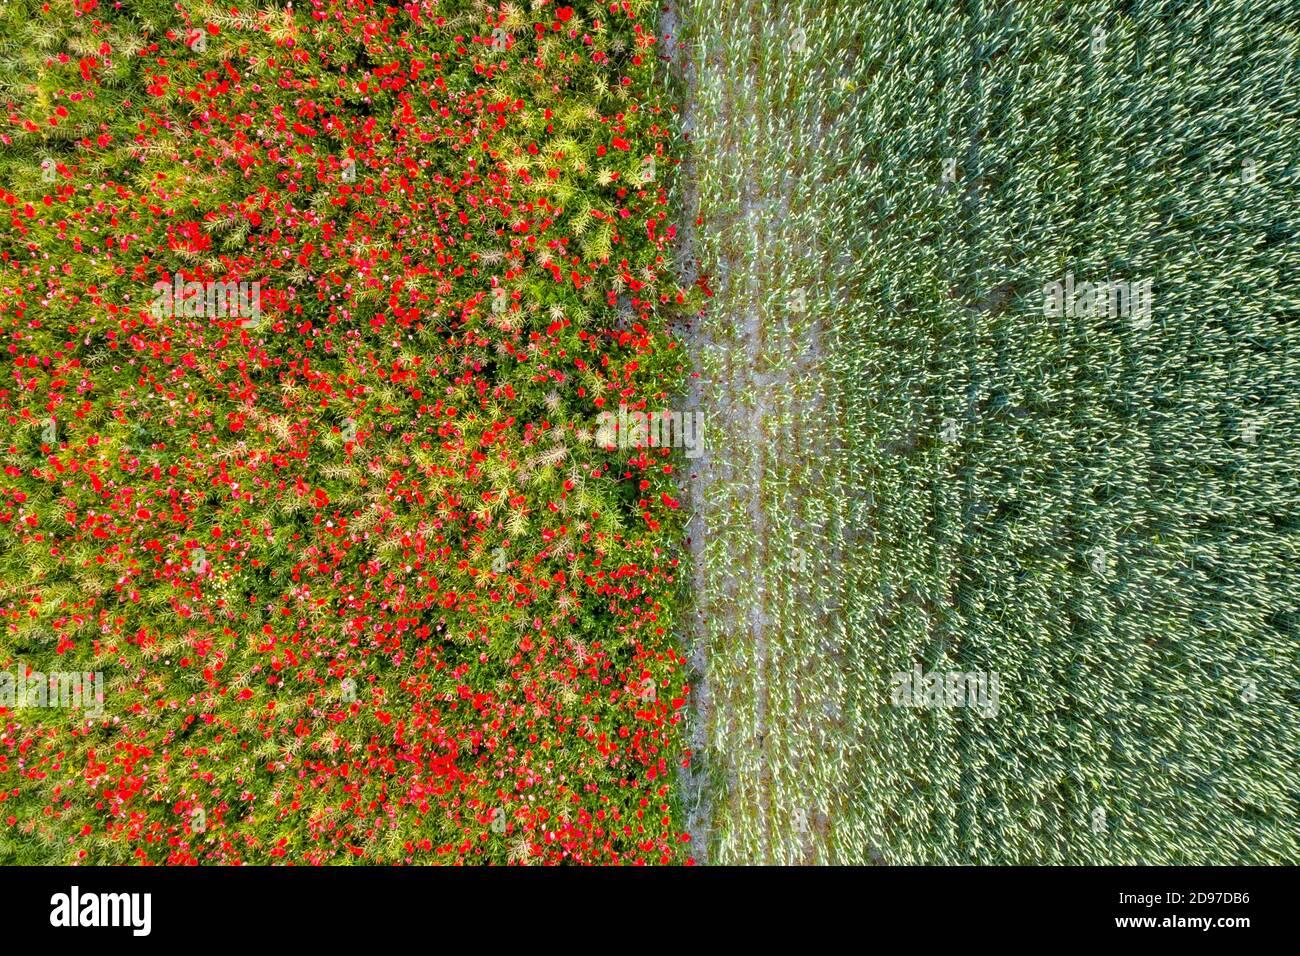 Coquelicots dans un champ de colza adjacent à un champ de blé, printemps, pas de Calais, France Banque D'Images